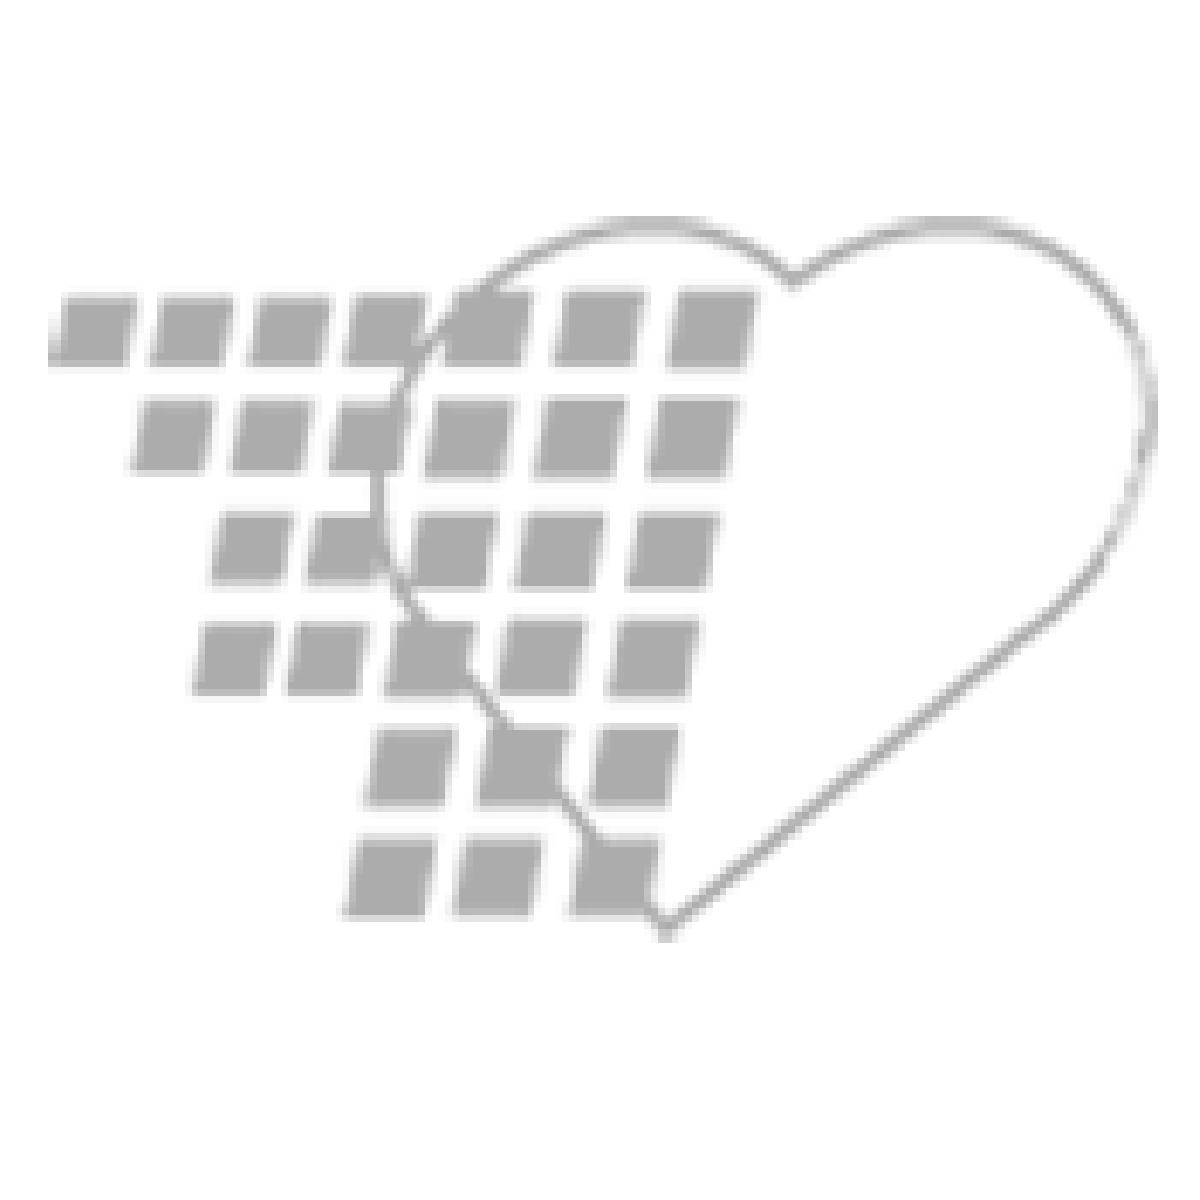 04-25-3120 SimCabRx™ Standard 1 Door 4-Drawer Cabinet